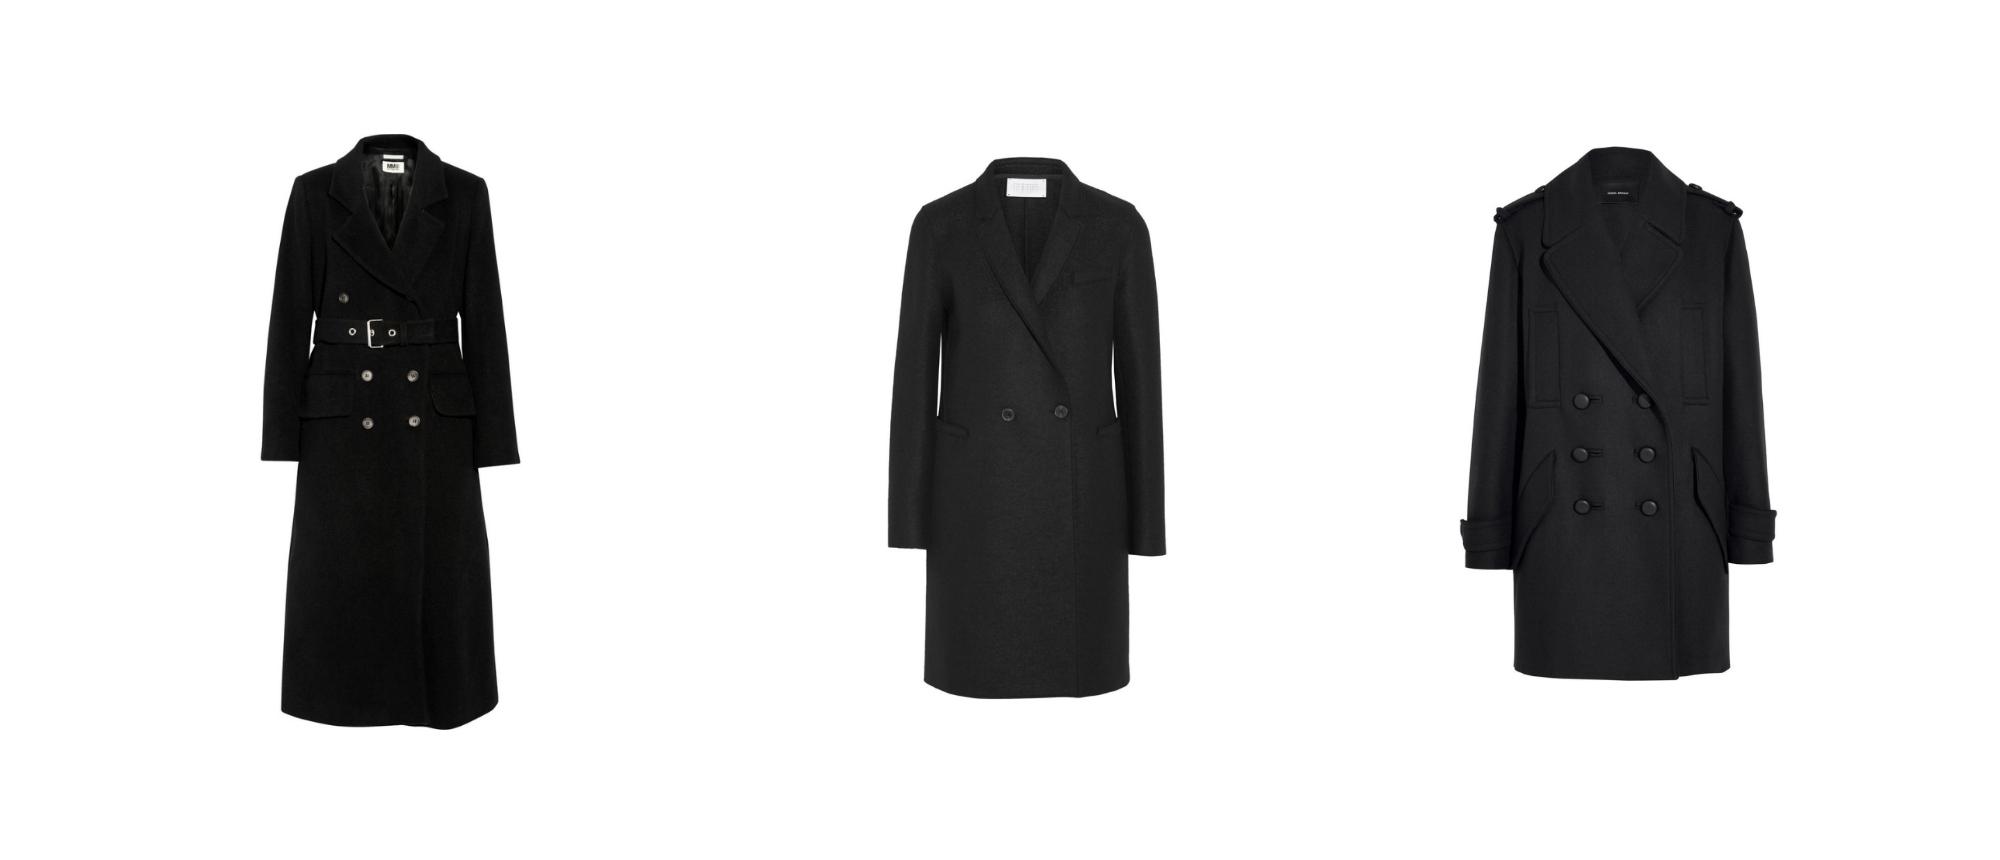 Coats 5